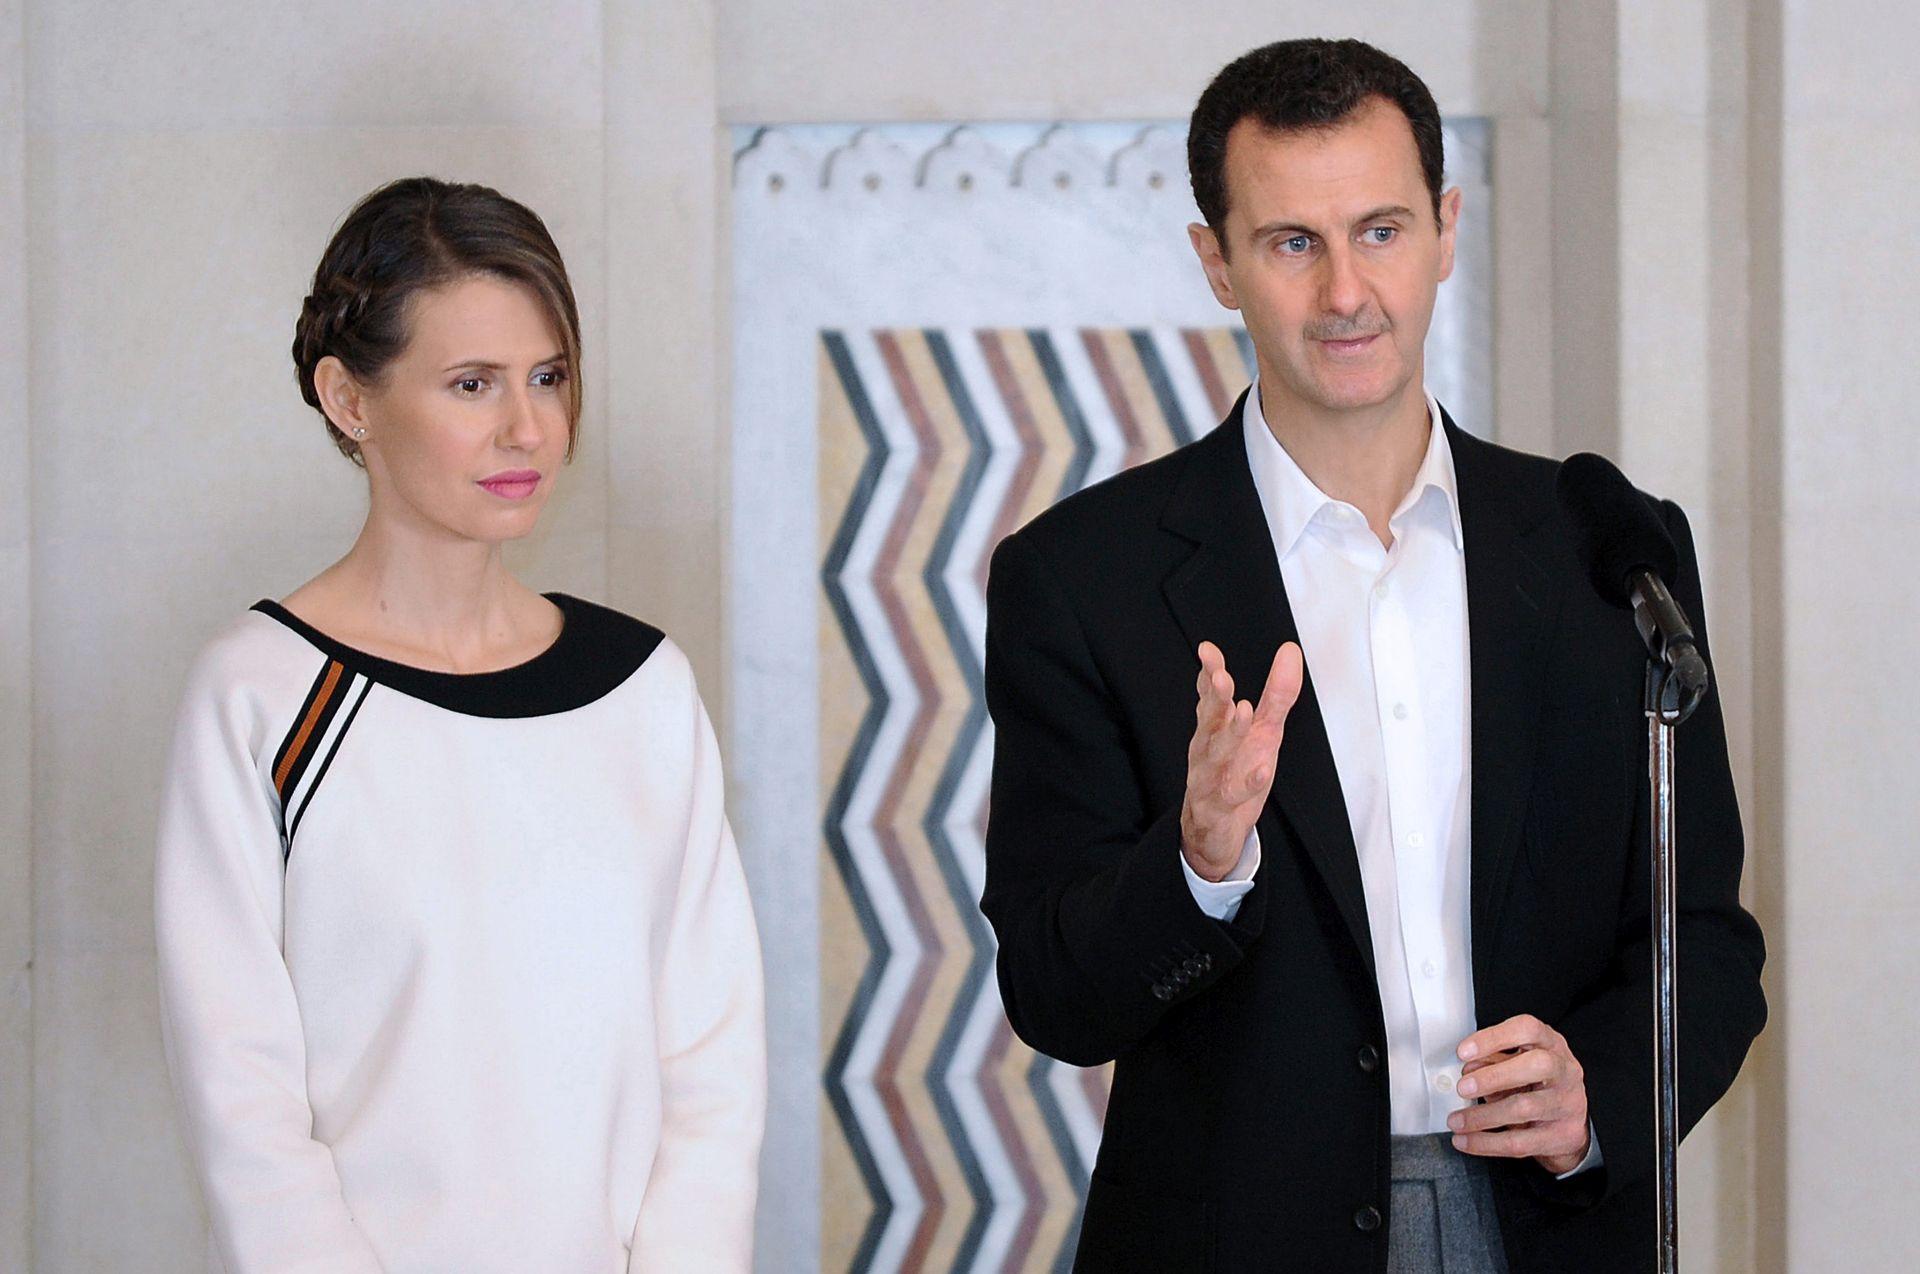 Sirijska oporba: Odbijanje prijedloga za novu vladu Bašar al-Asada